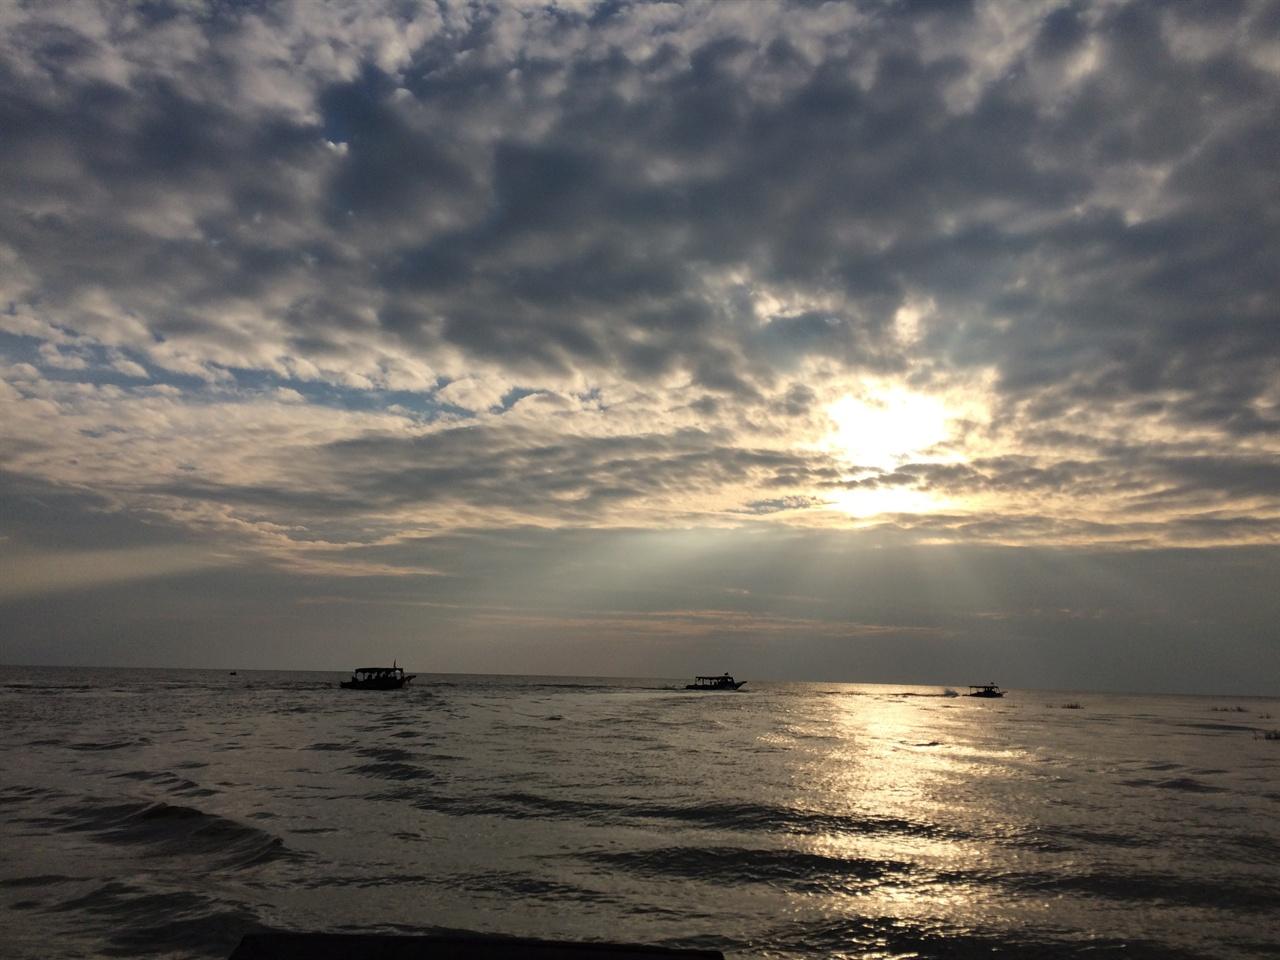 톤레삽 호수의 일몰 전 호수라기 보다 바다라는 느낌이 든다.